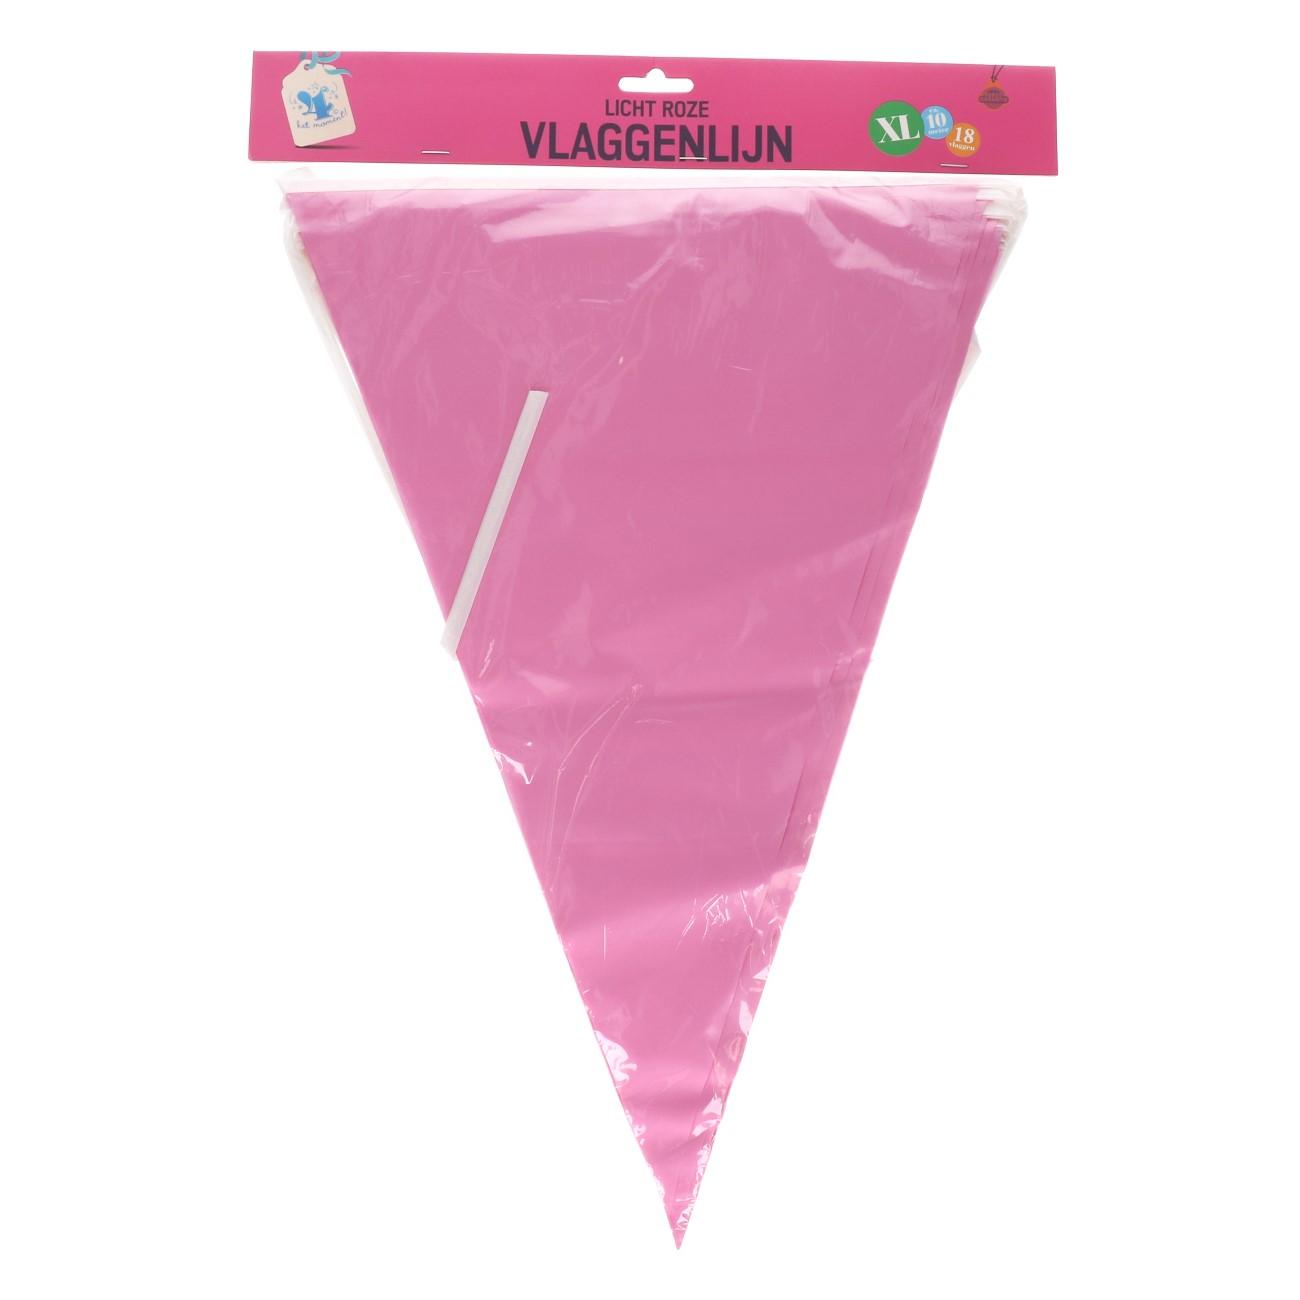 Vlaggenlijn licht roze xl